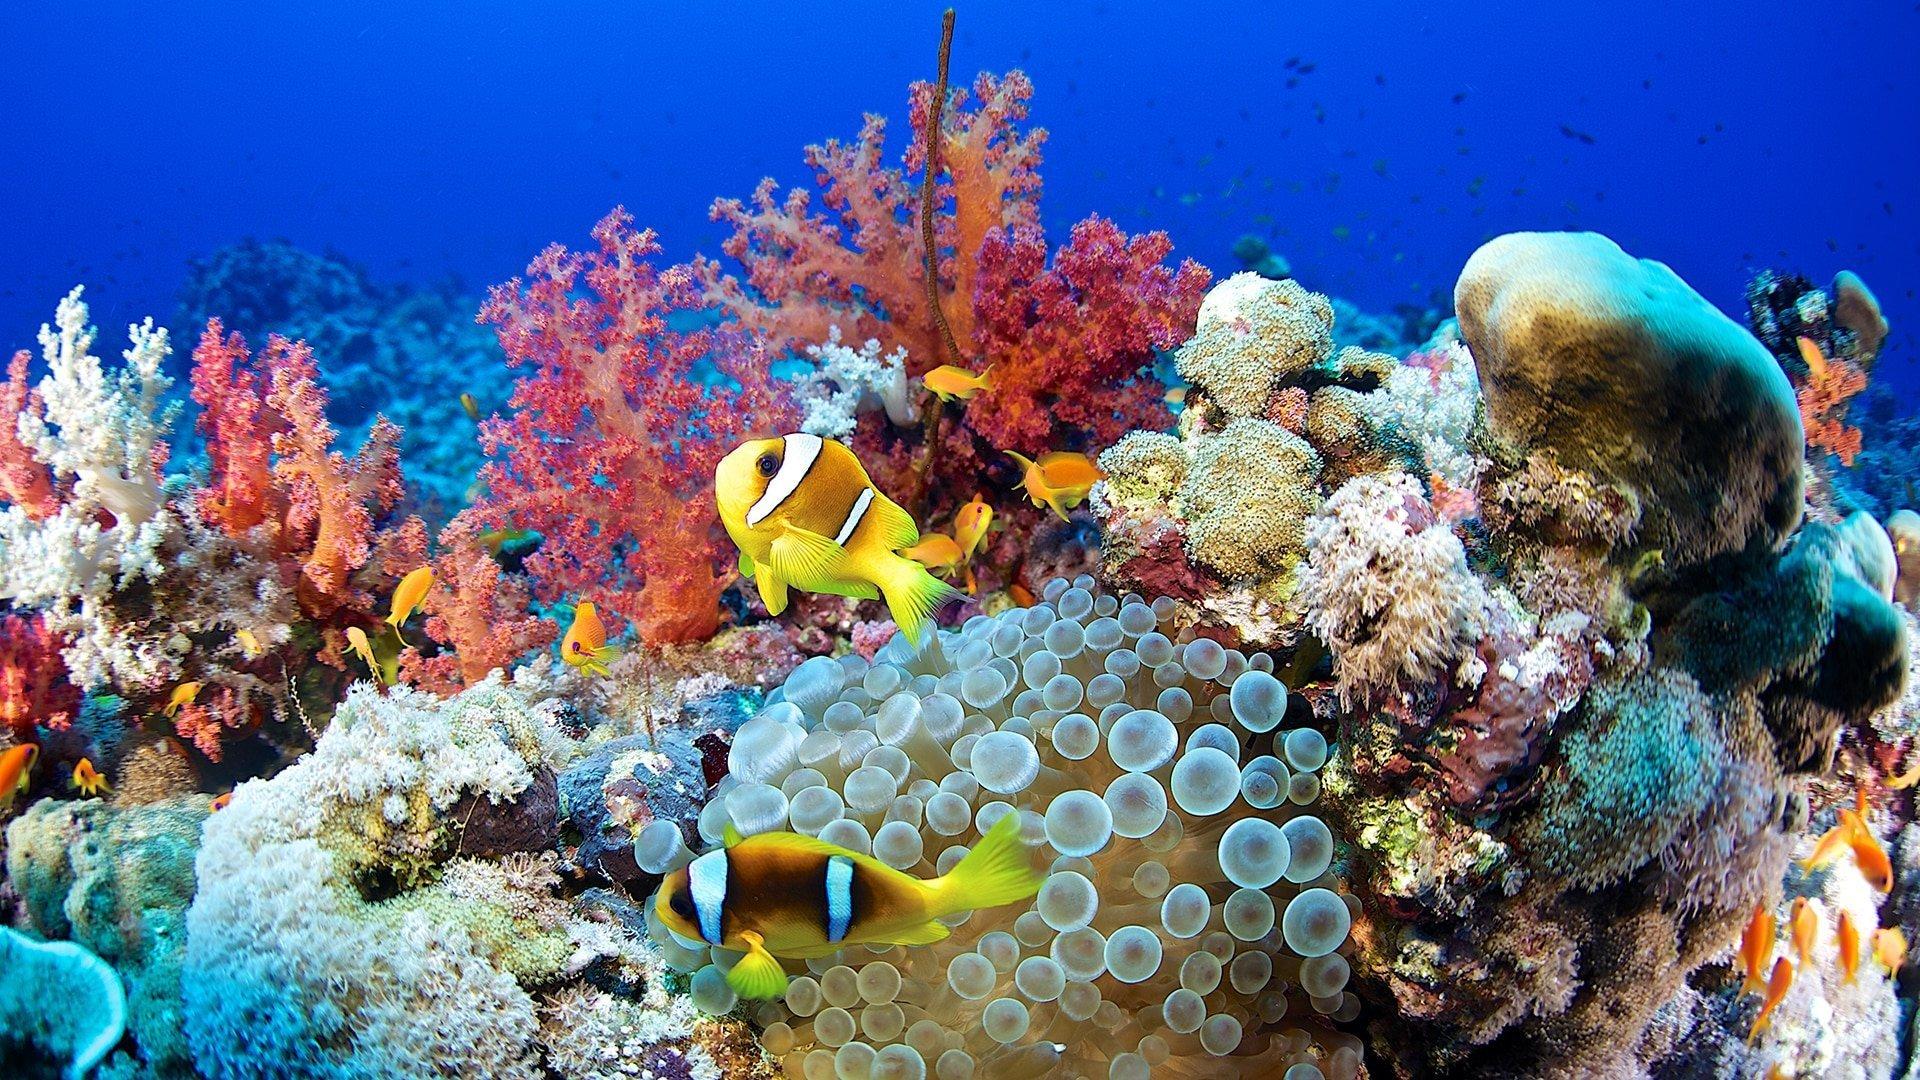 از درمان سرطان و آلزایمر تا رونق اقتصادی: چرا باید از دنیای صخرههای مرجانی محافظت کنیم؟